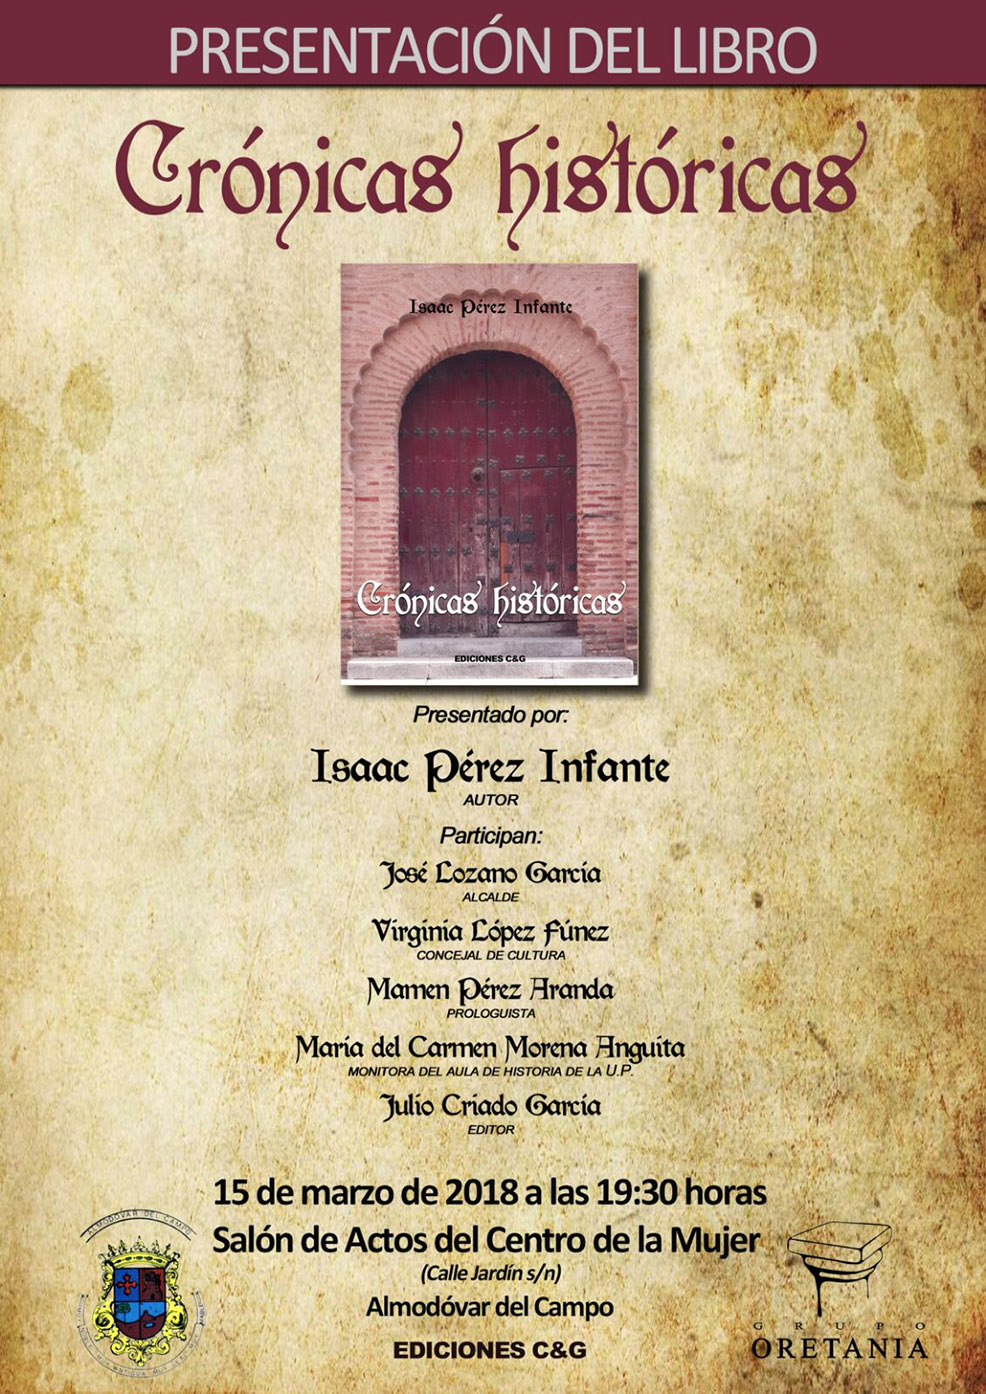 Cartel anunciador de 'Crónicas históricas'